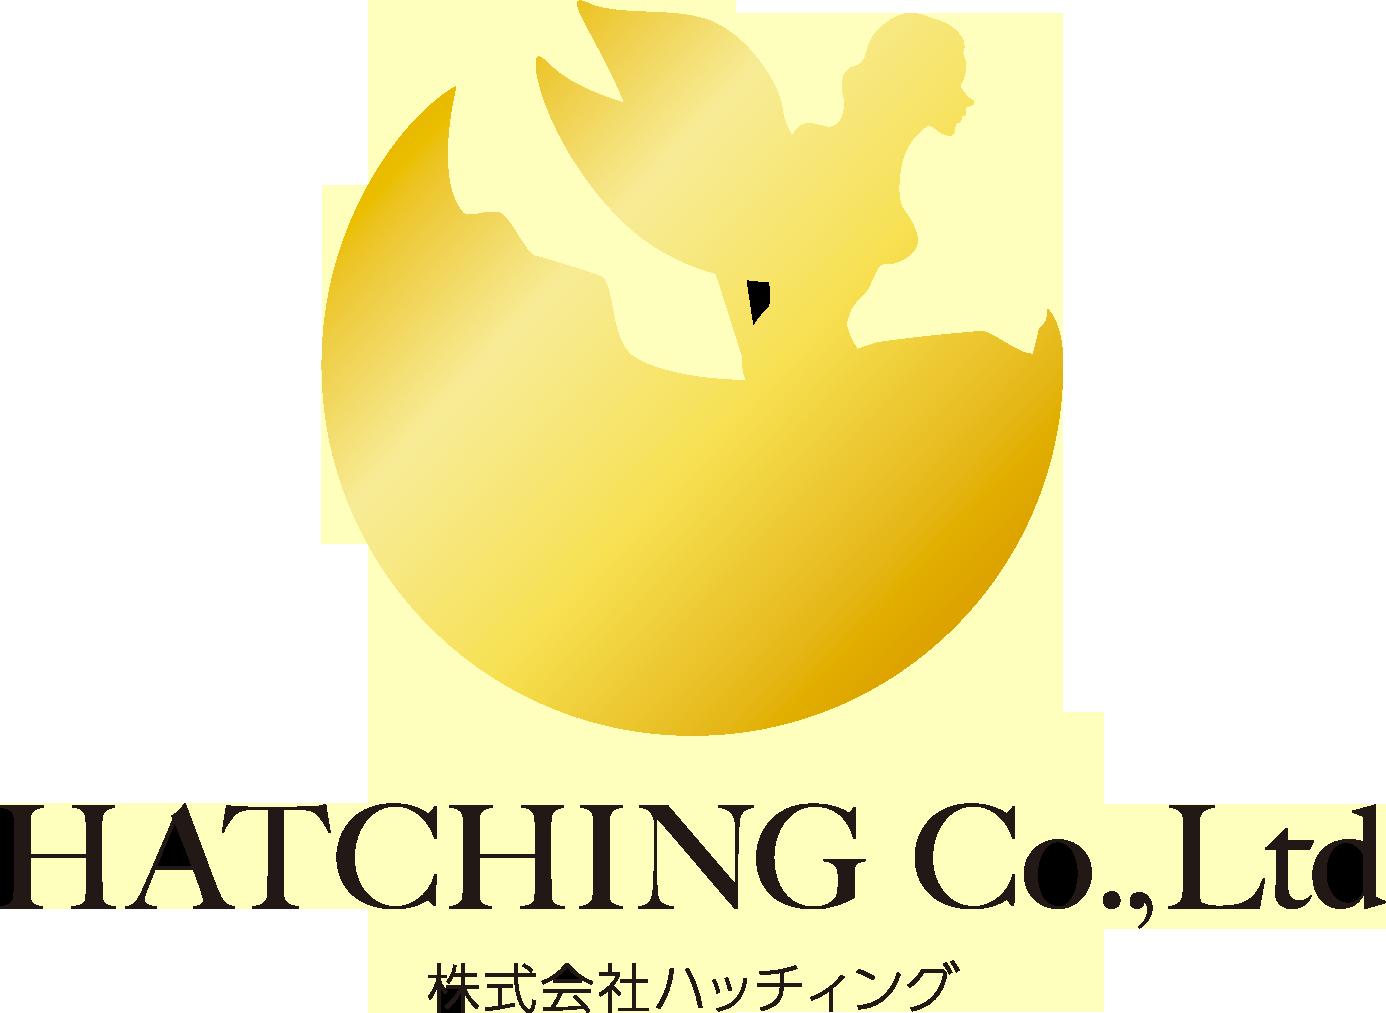 【会員用】HACHING Co.,Ltd 株式会社ハッチィング